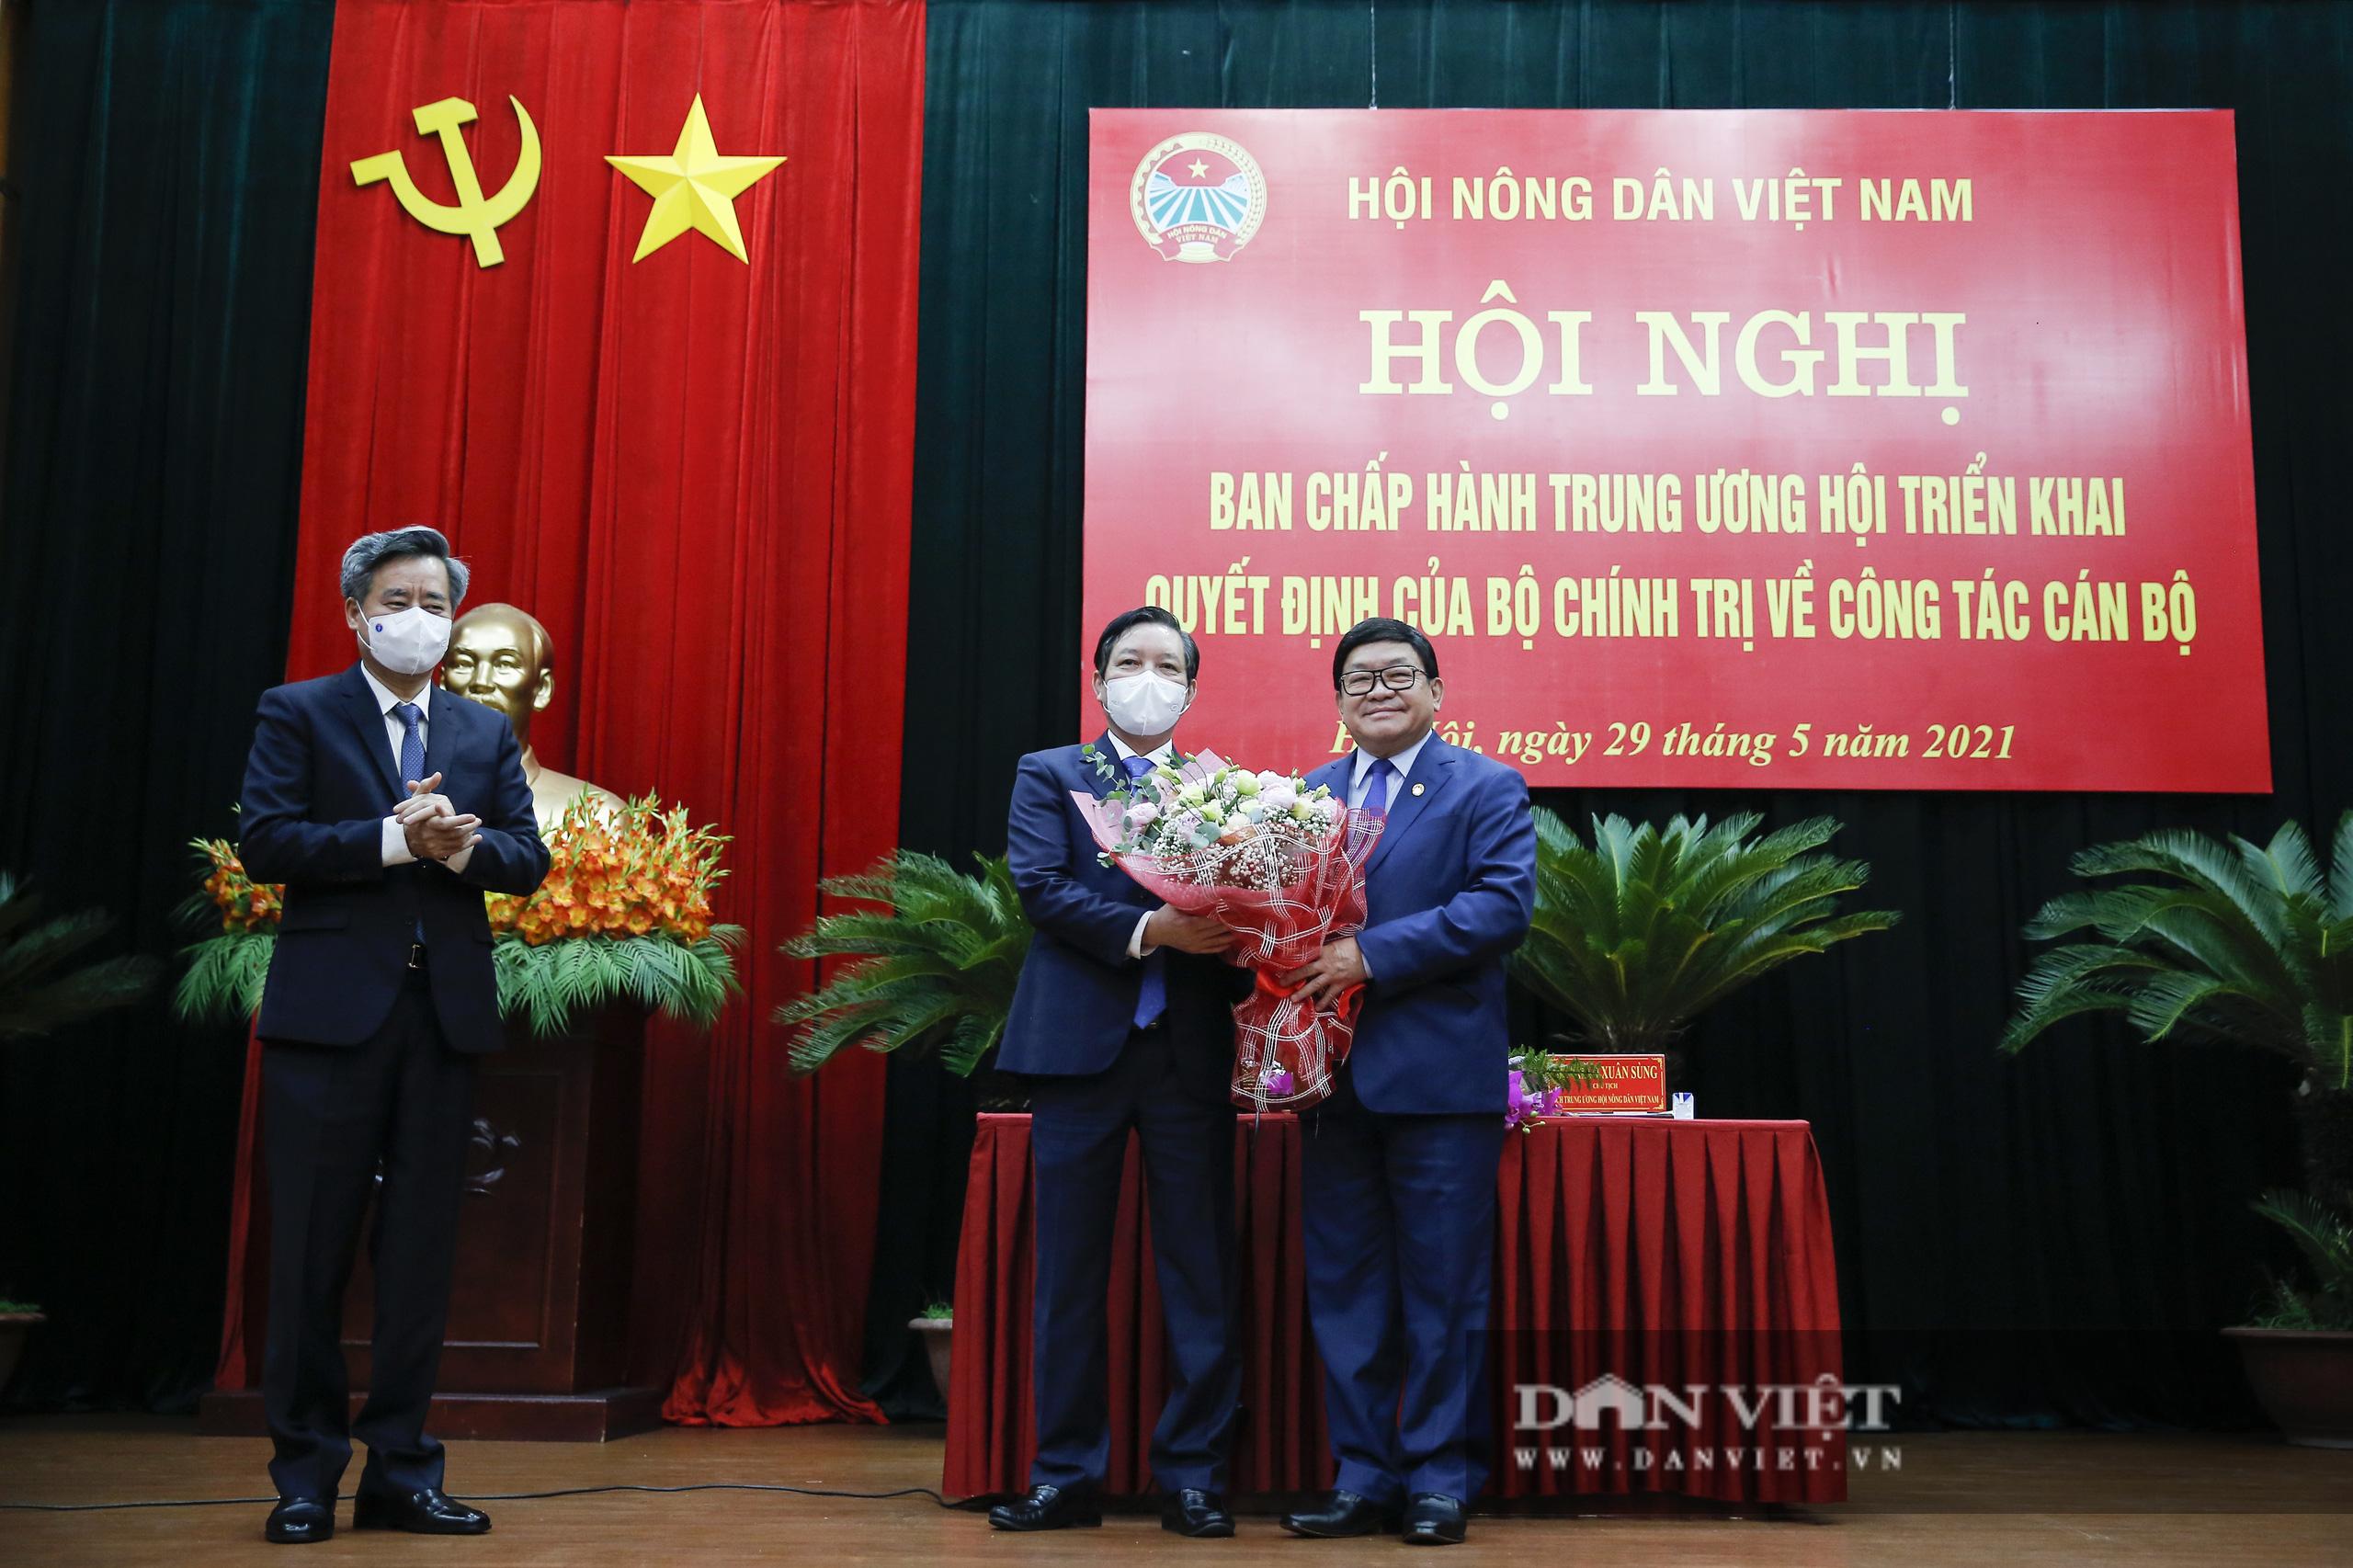 Ảnh: Hội nghị BCH TƯ Hội Nông dân Việt Nam triển khai quyết định của Bộ Chính trị về công tác cán bộ - Ảnh 13.